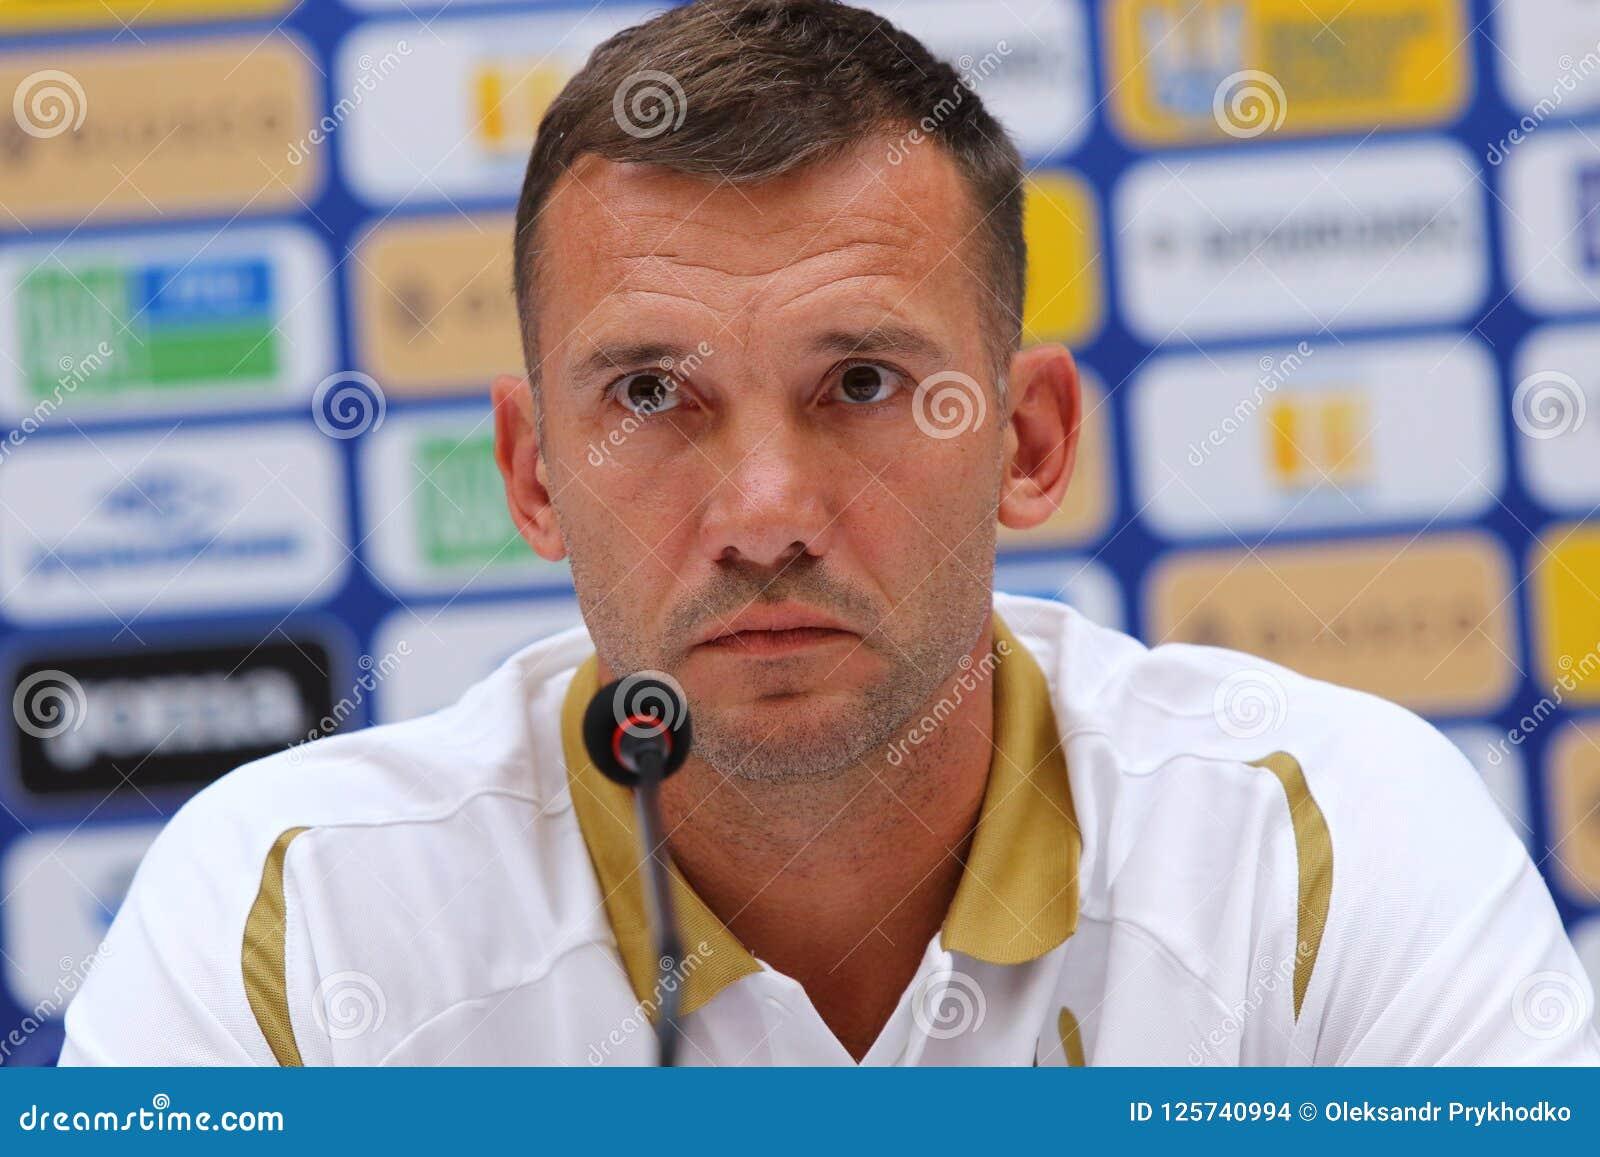 Andriy Shevchenko Of Ukraine Editorial Image ...